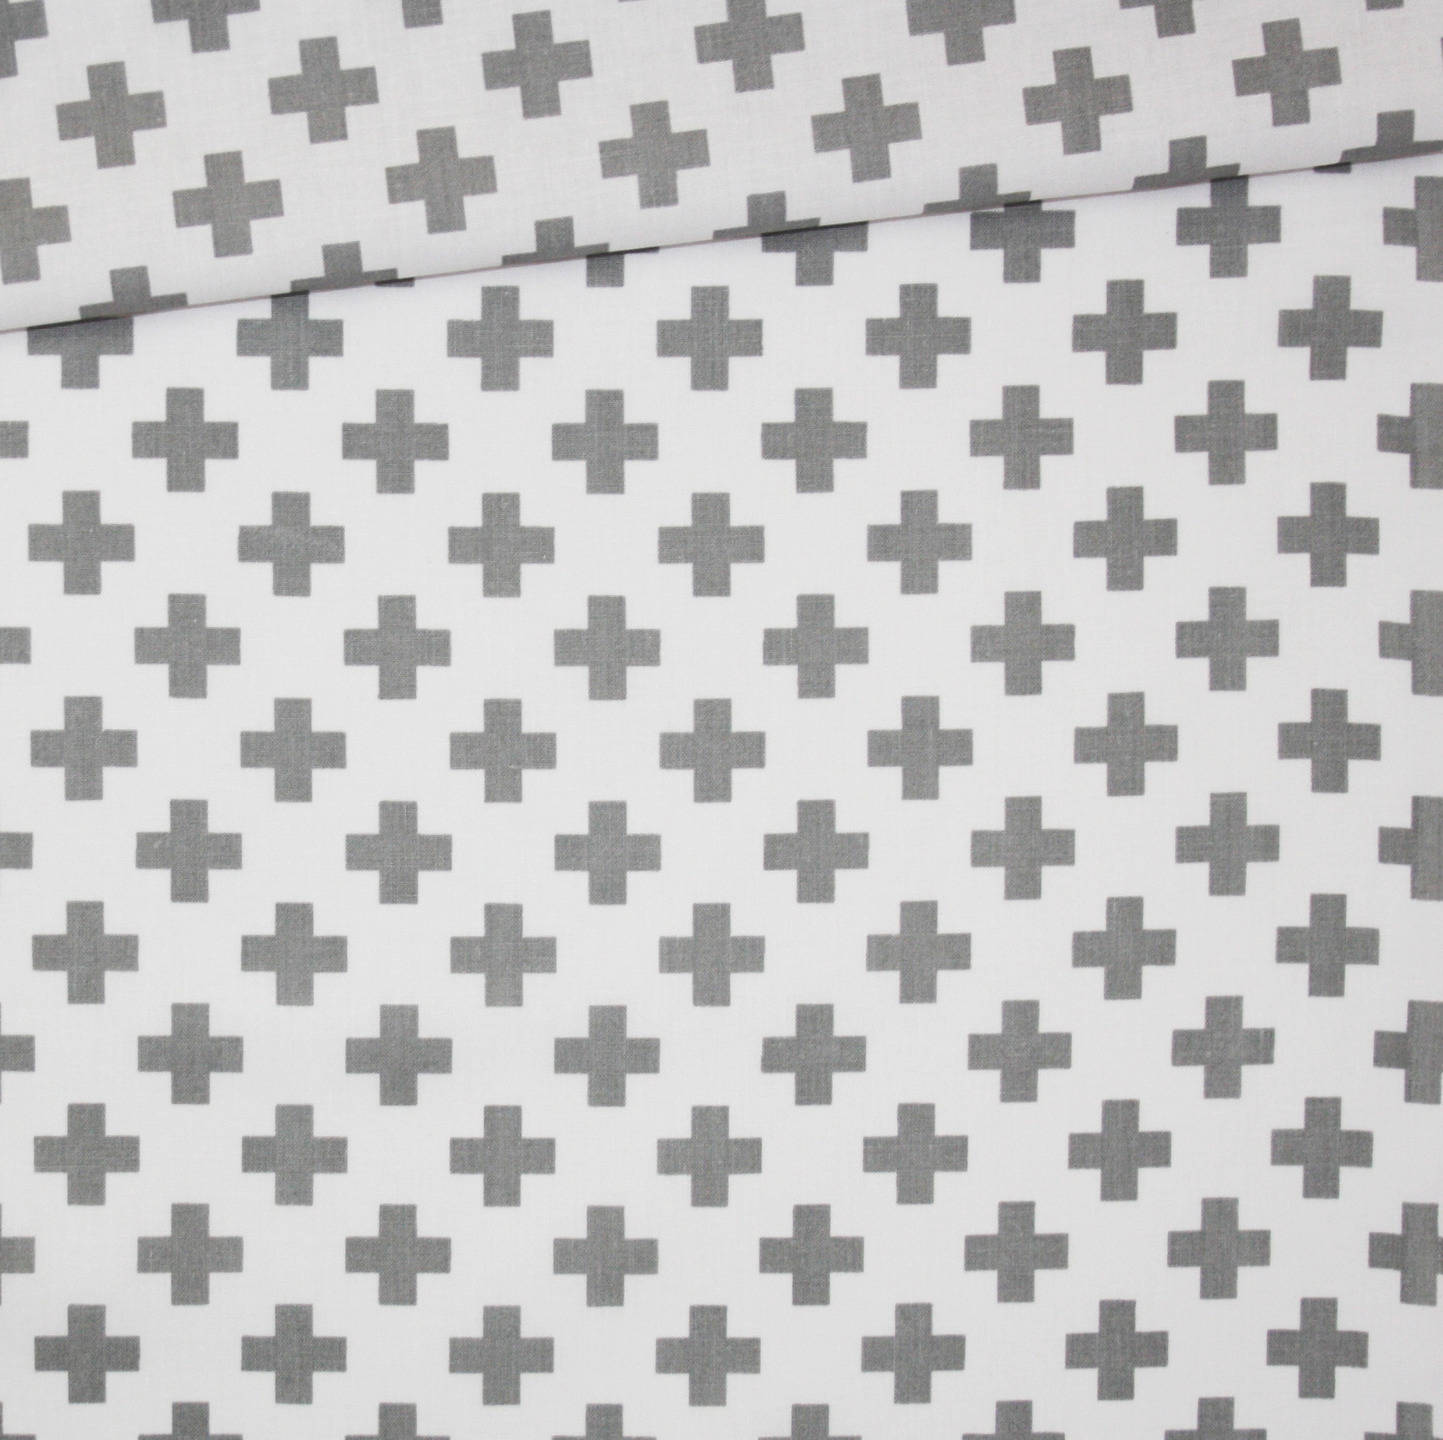 Tissu croix, 100% coton imprimé 50 x 160 cm, motif croix, plus, gris sur fond blanc